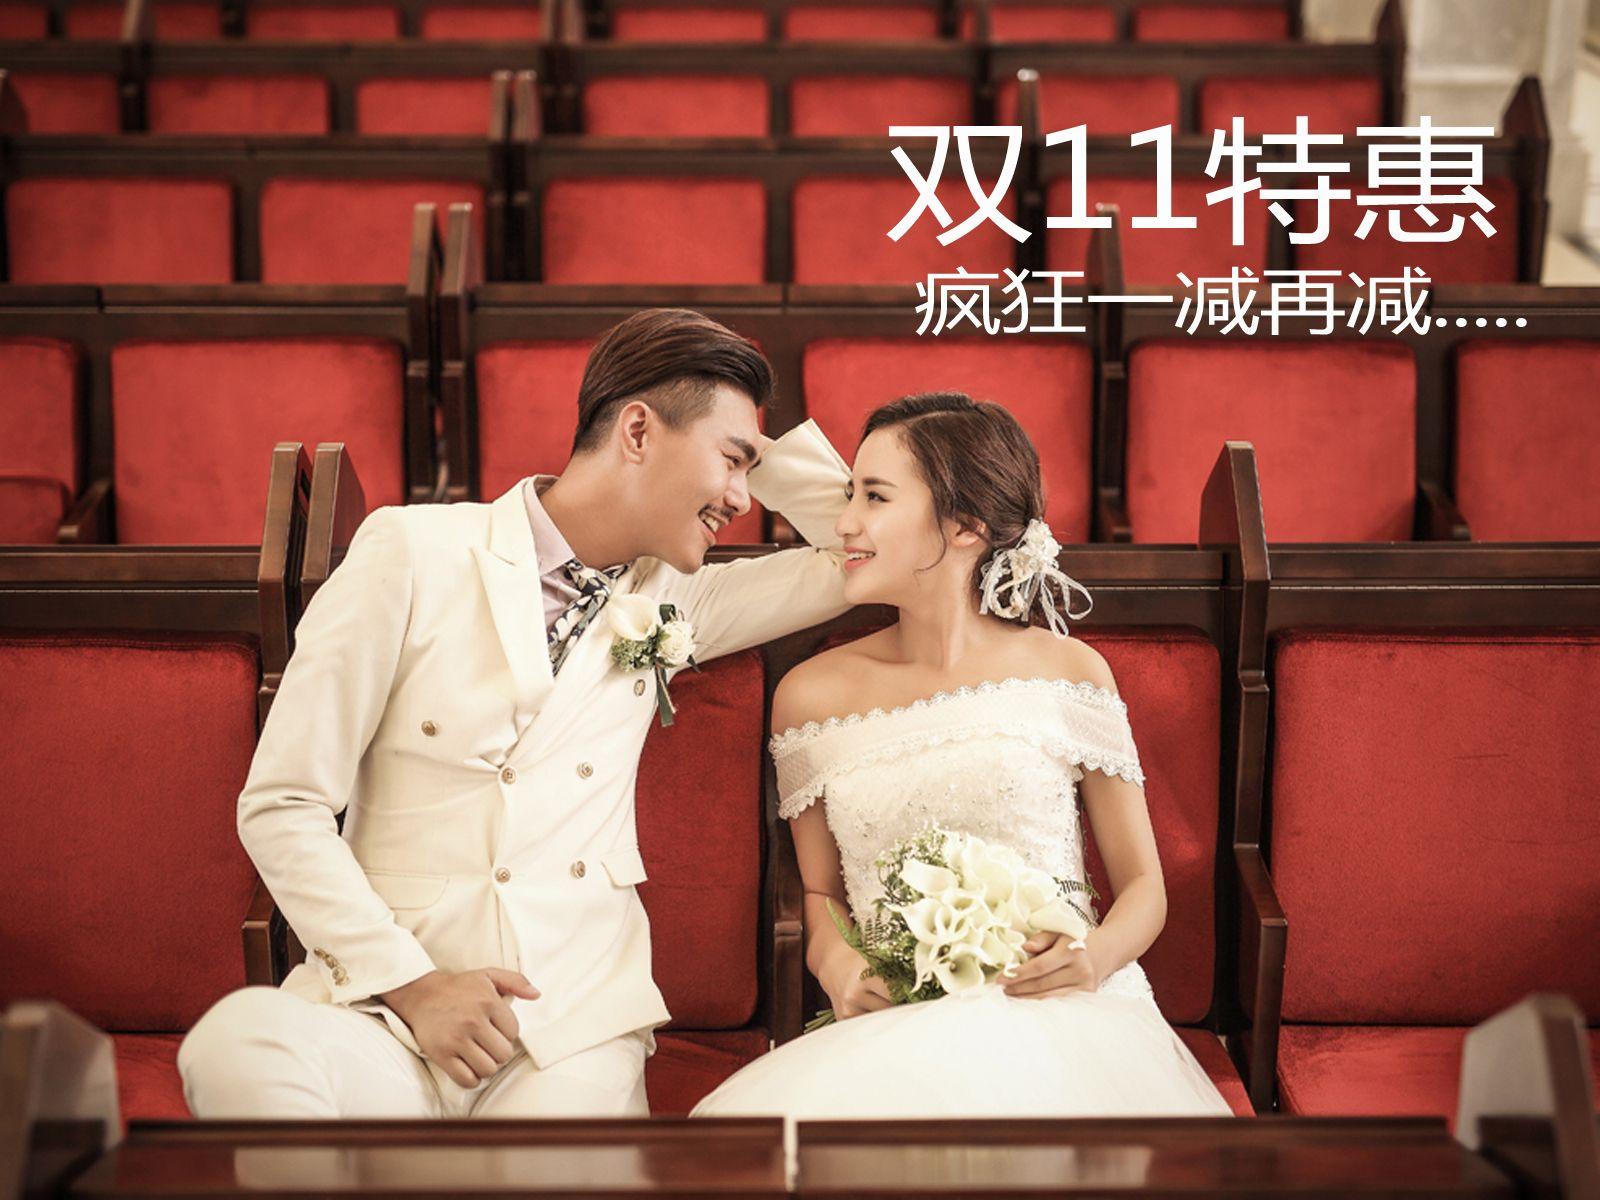 广州黄埔罗门婚纱摄影店(大沙地东路店)